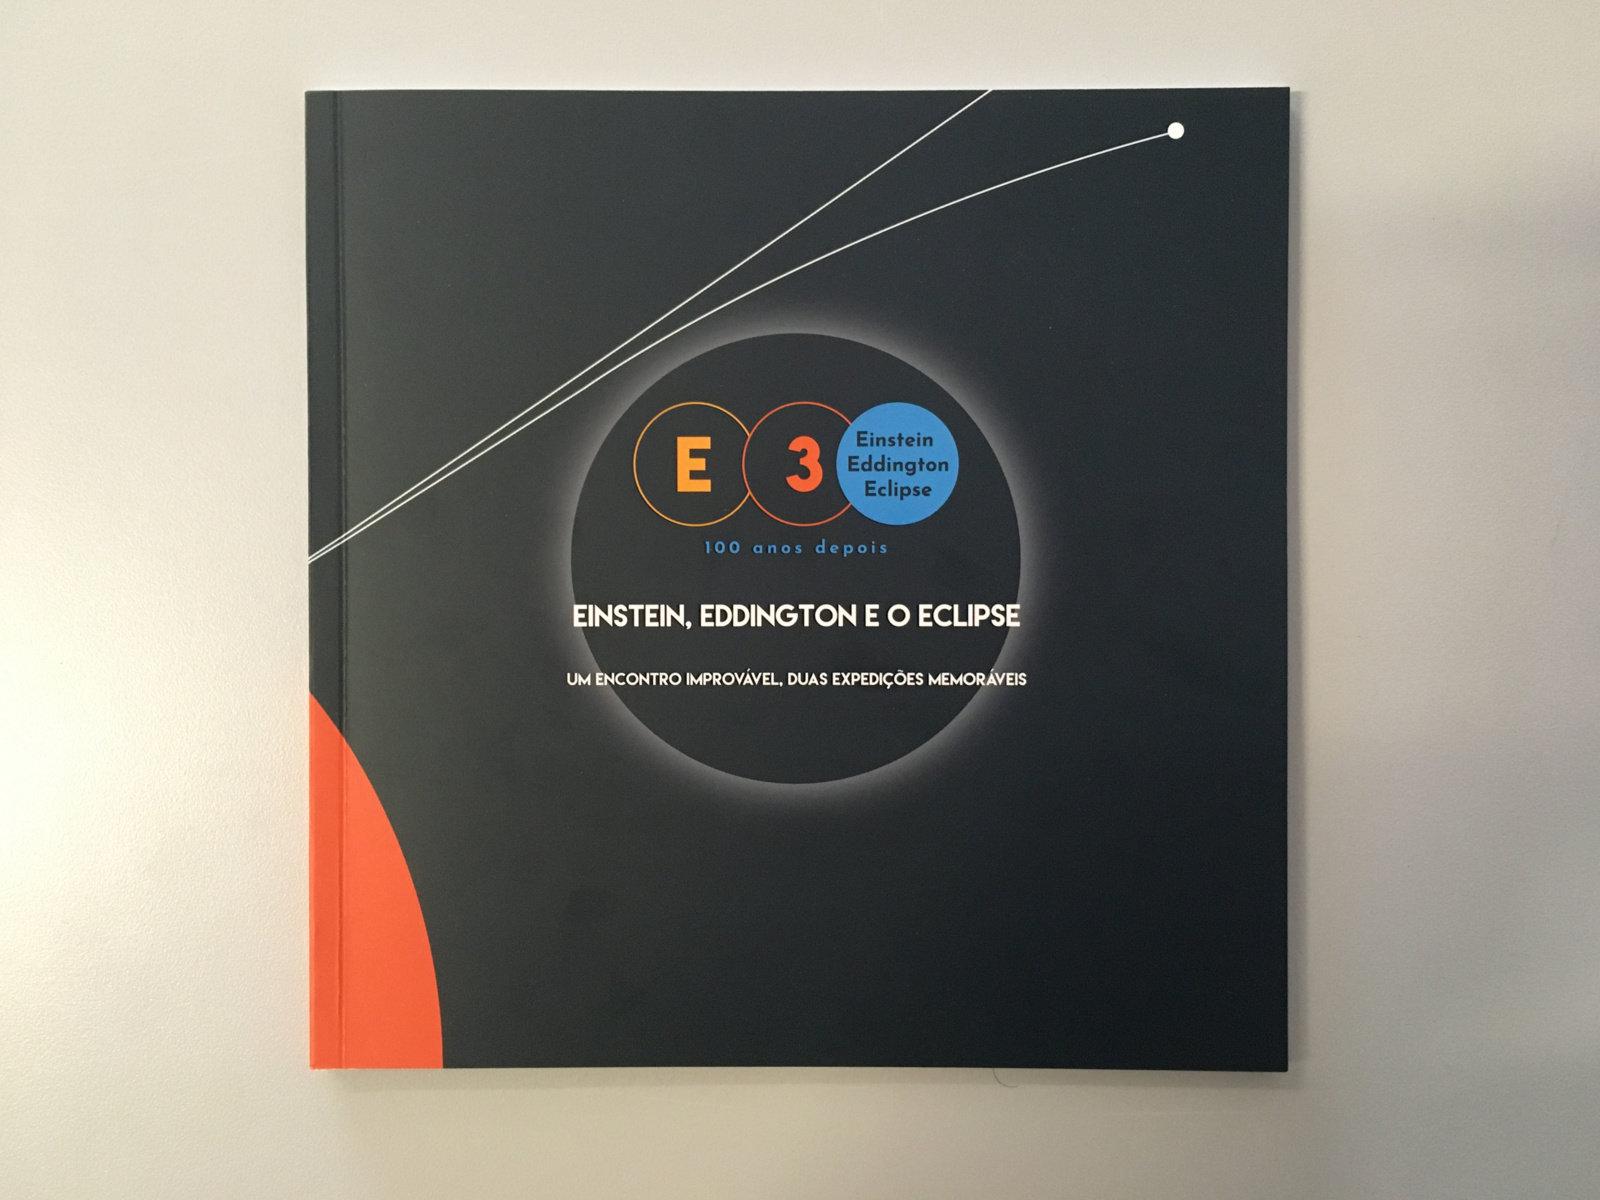 E3 — Um Encontro Improvável, Duas Expedições Memoráveis, Capa